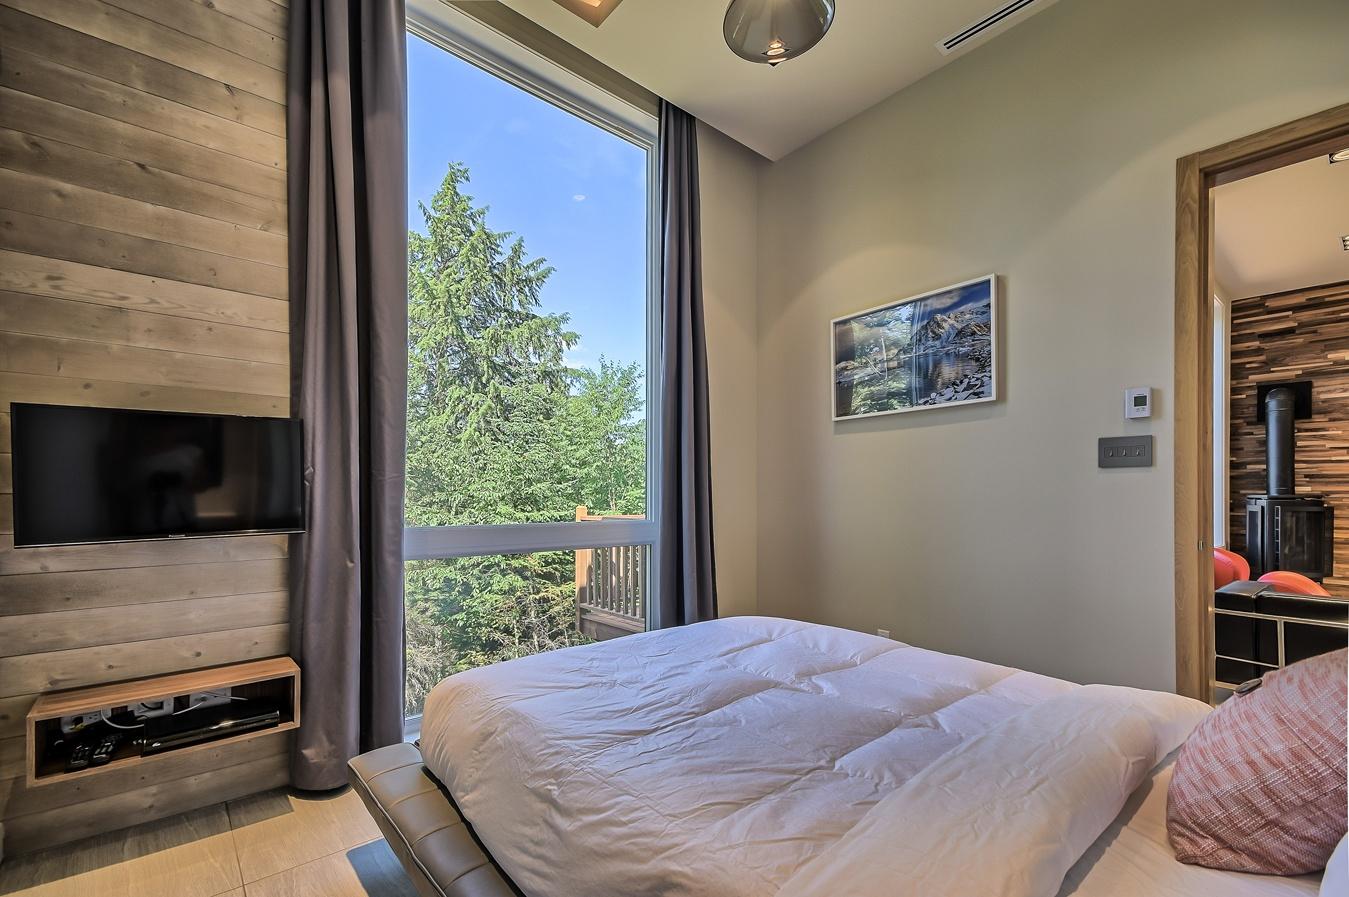 chalet rentals in Mont Tremblant. 3 bedroom